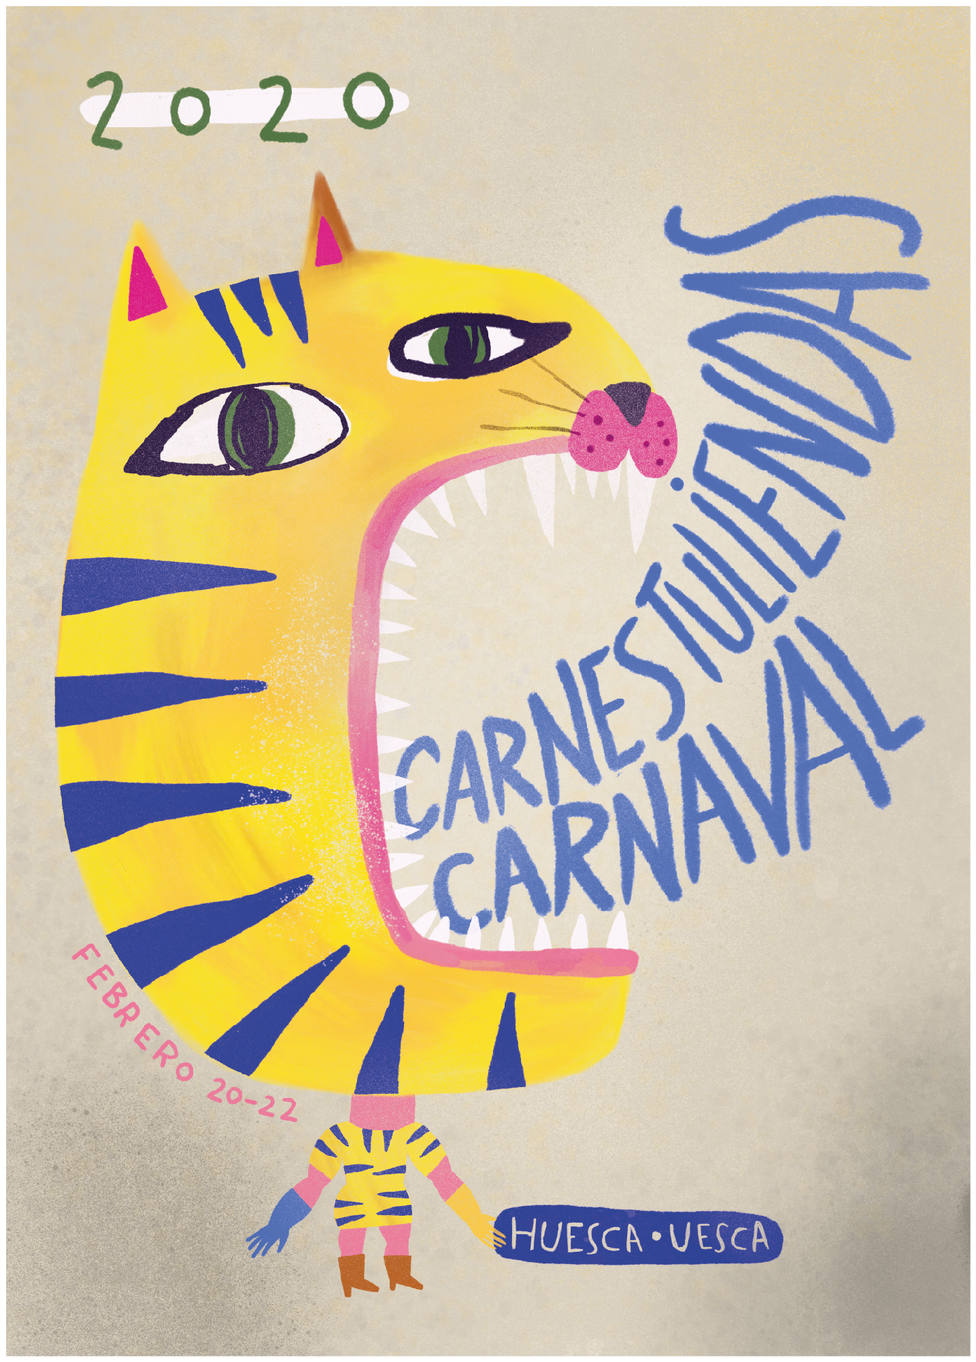 Cartel anunciador de Carnaval